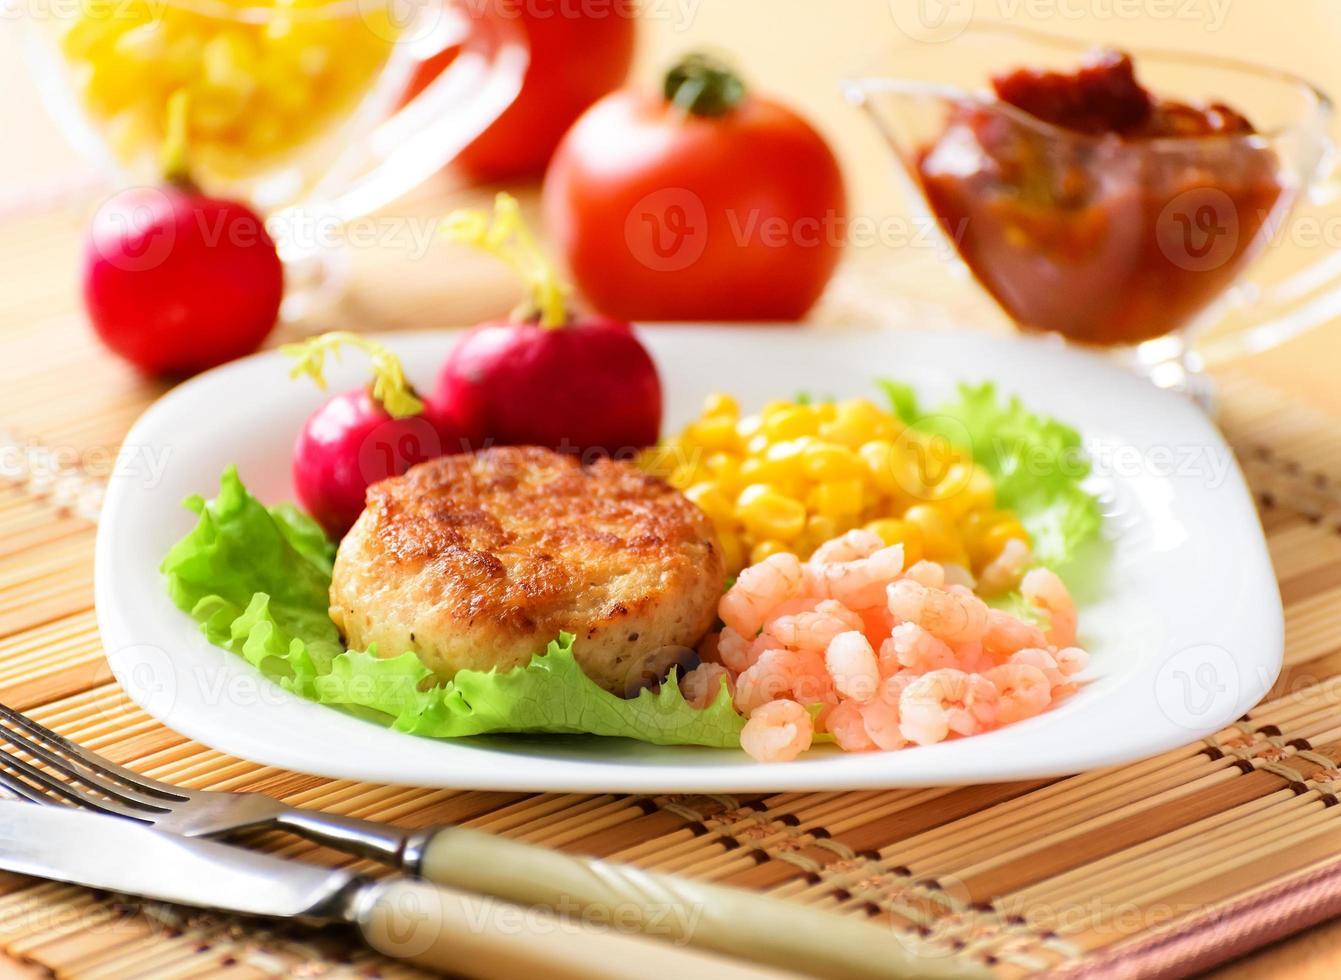 kycklingkotletter med konserverad majs och räkor. foto